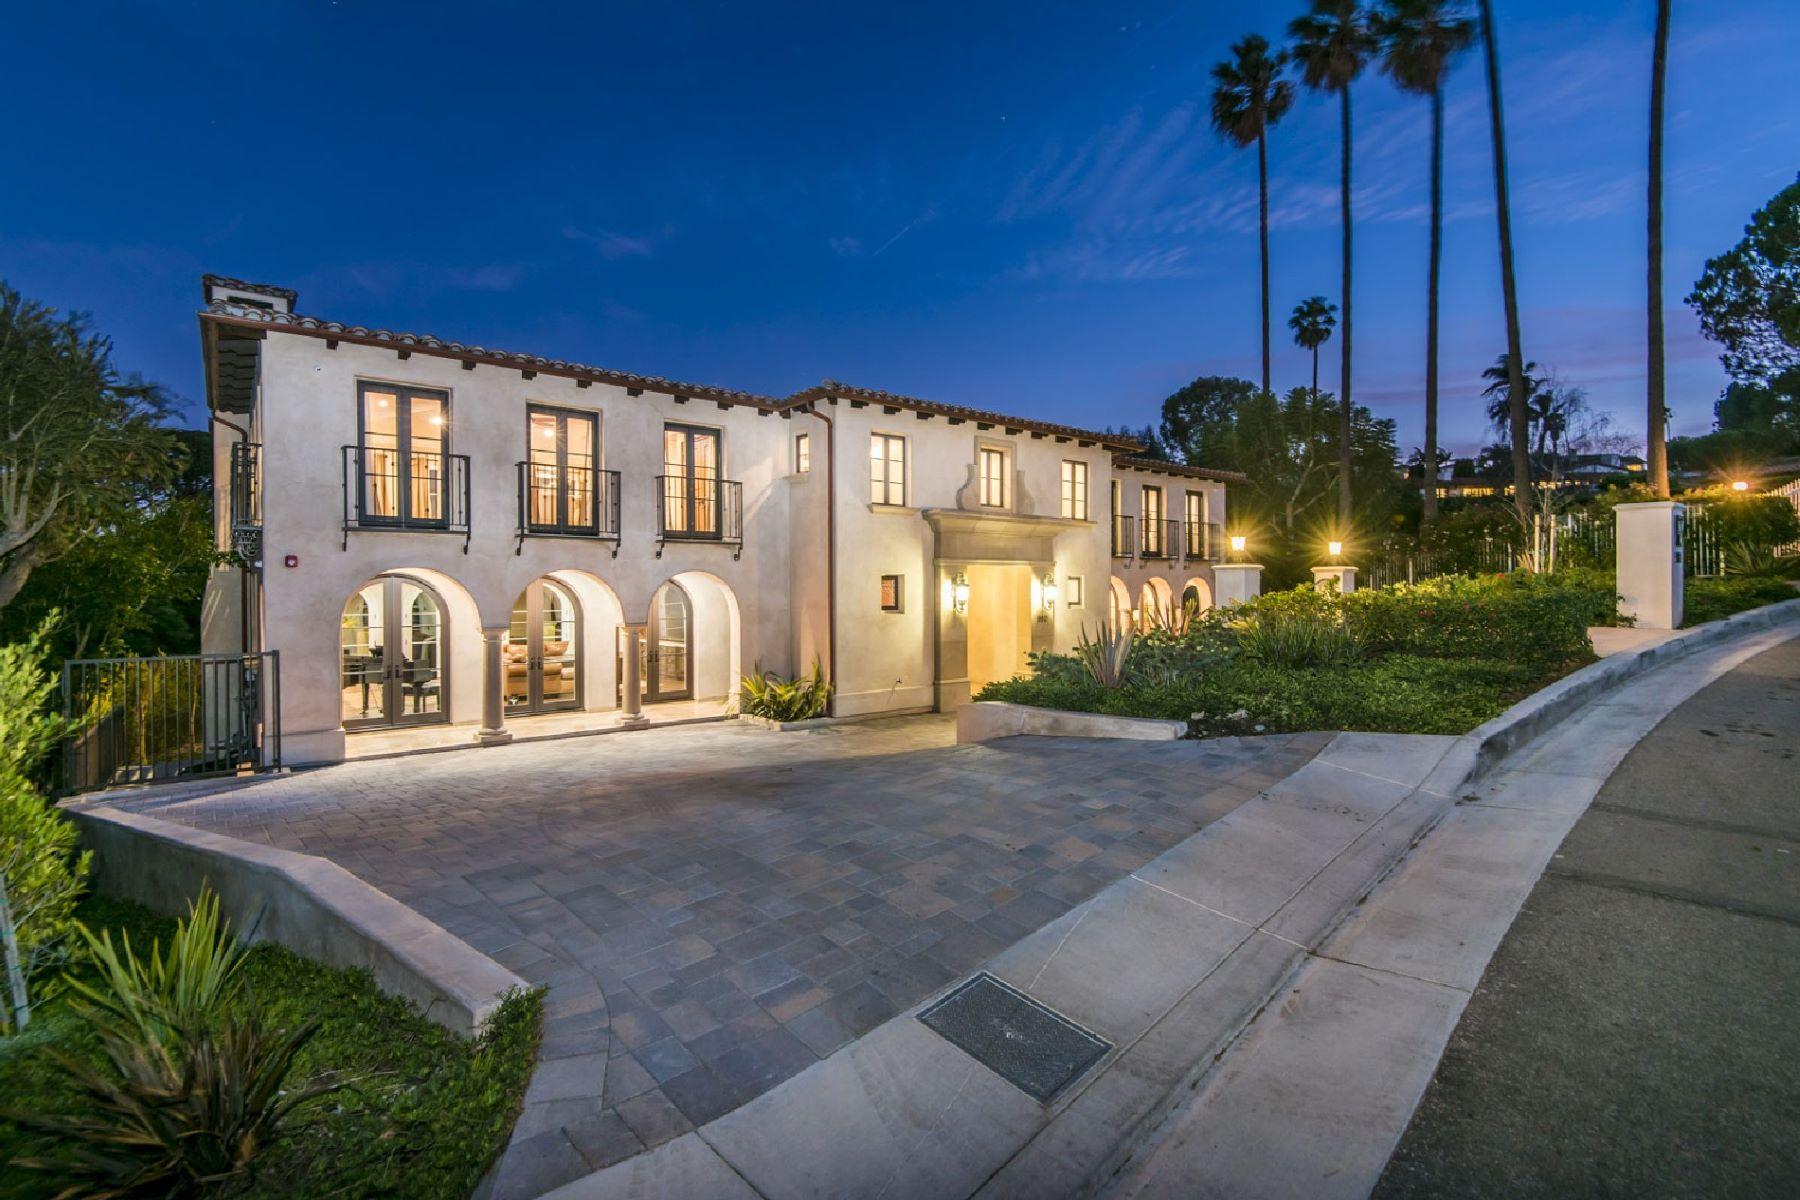 Propriedade à venda Palos Verdes Estates